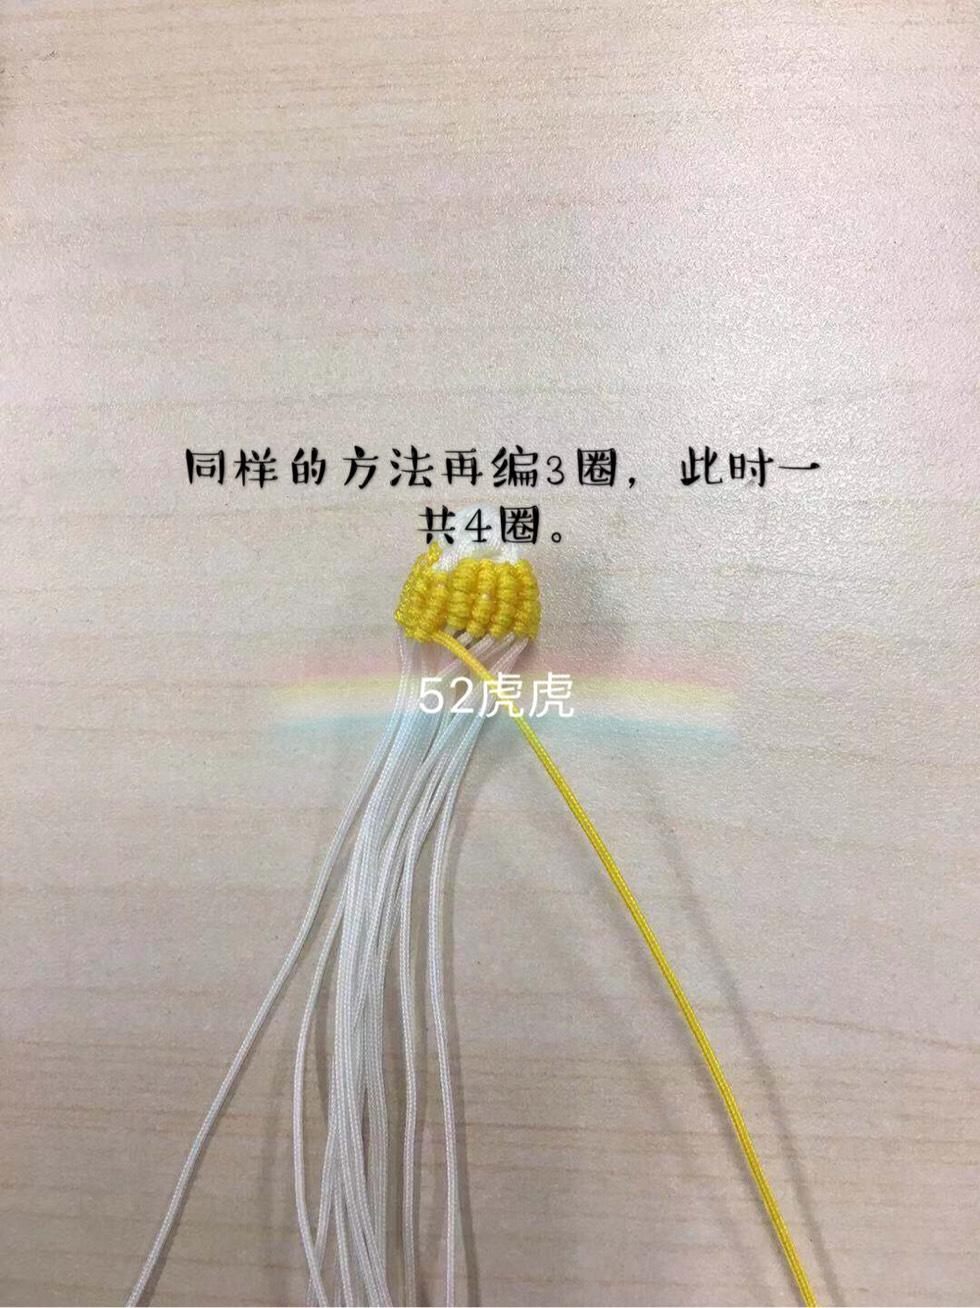 中国结论坛 小玉米 小玉米,玉米,迷你的小玉米叫什么,特别小的玉米叫什么,袖珍小玉米 图文教程区 130351ru9cbi6bp51cbep5